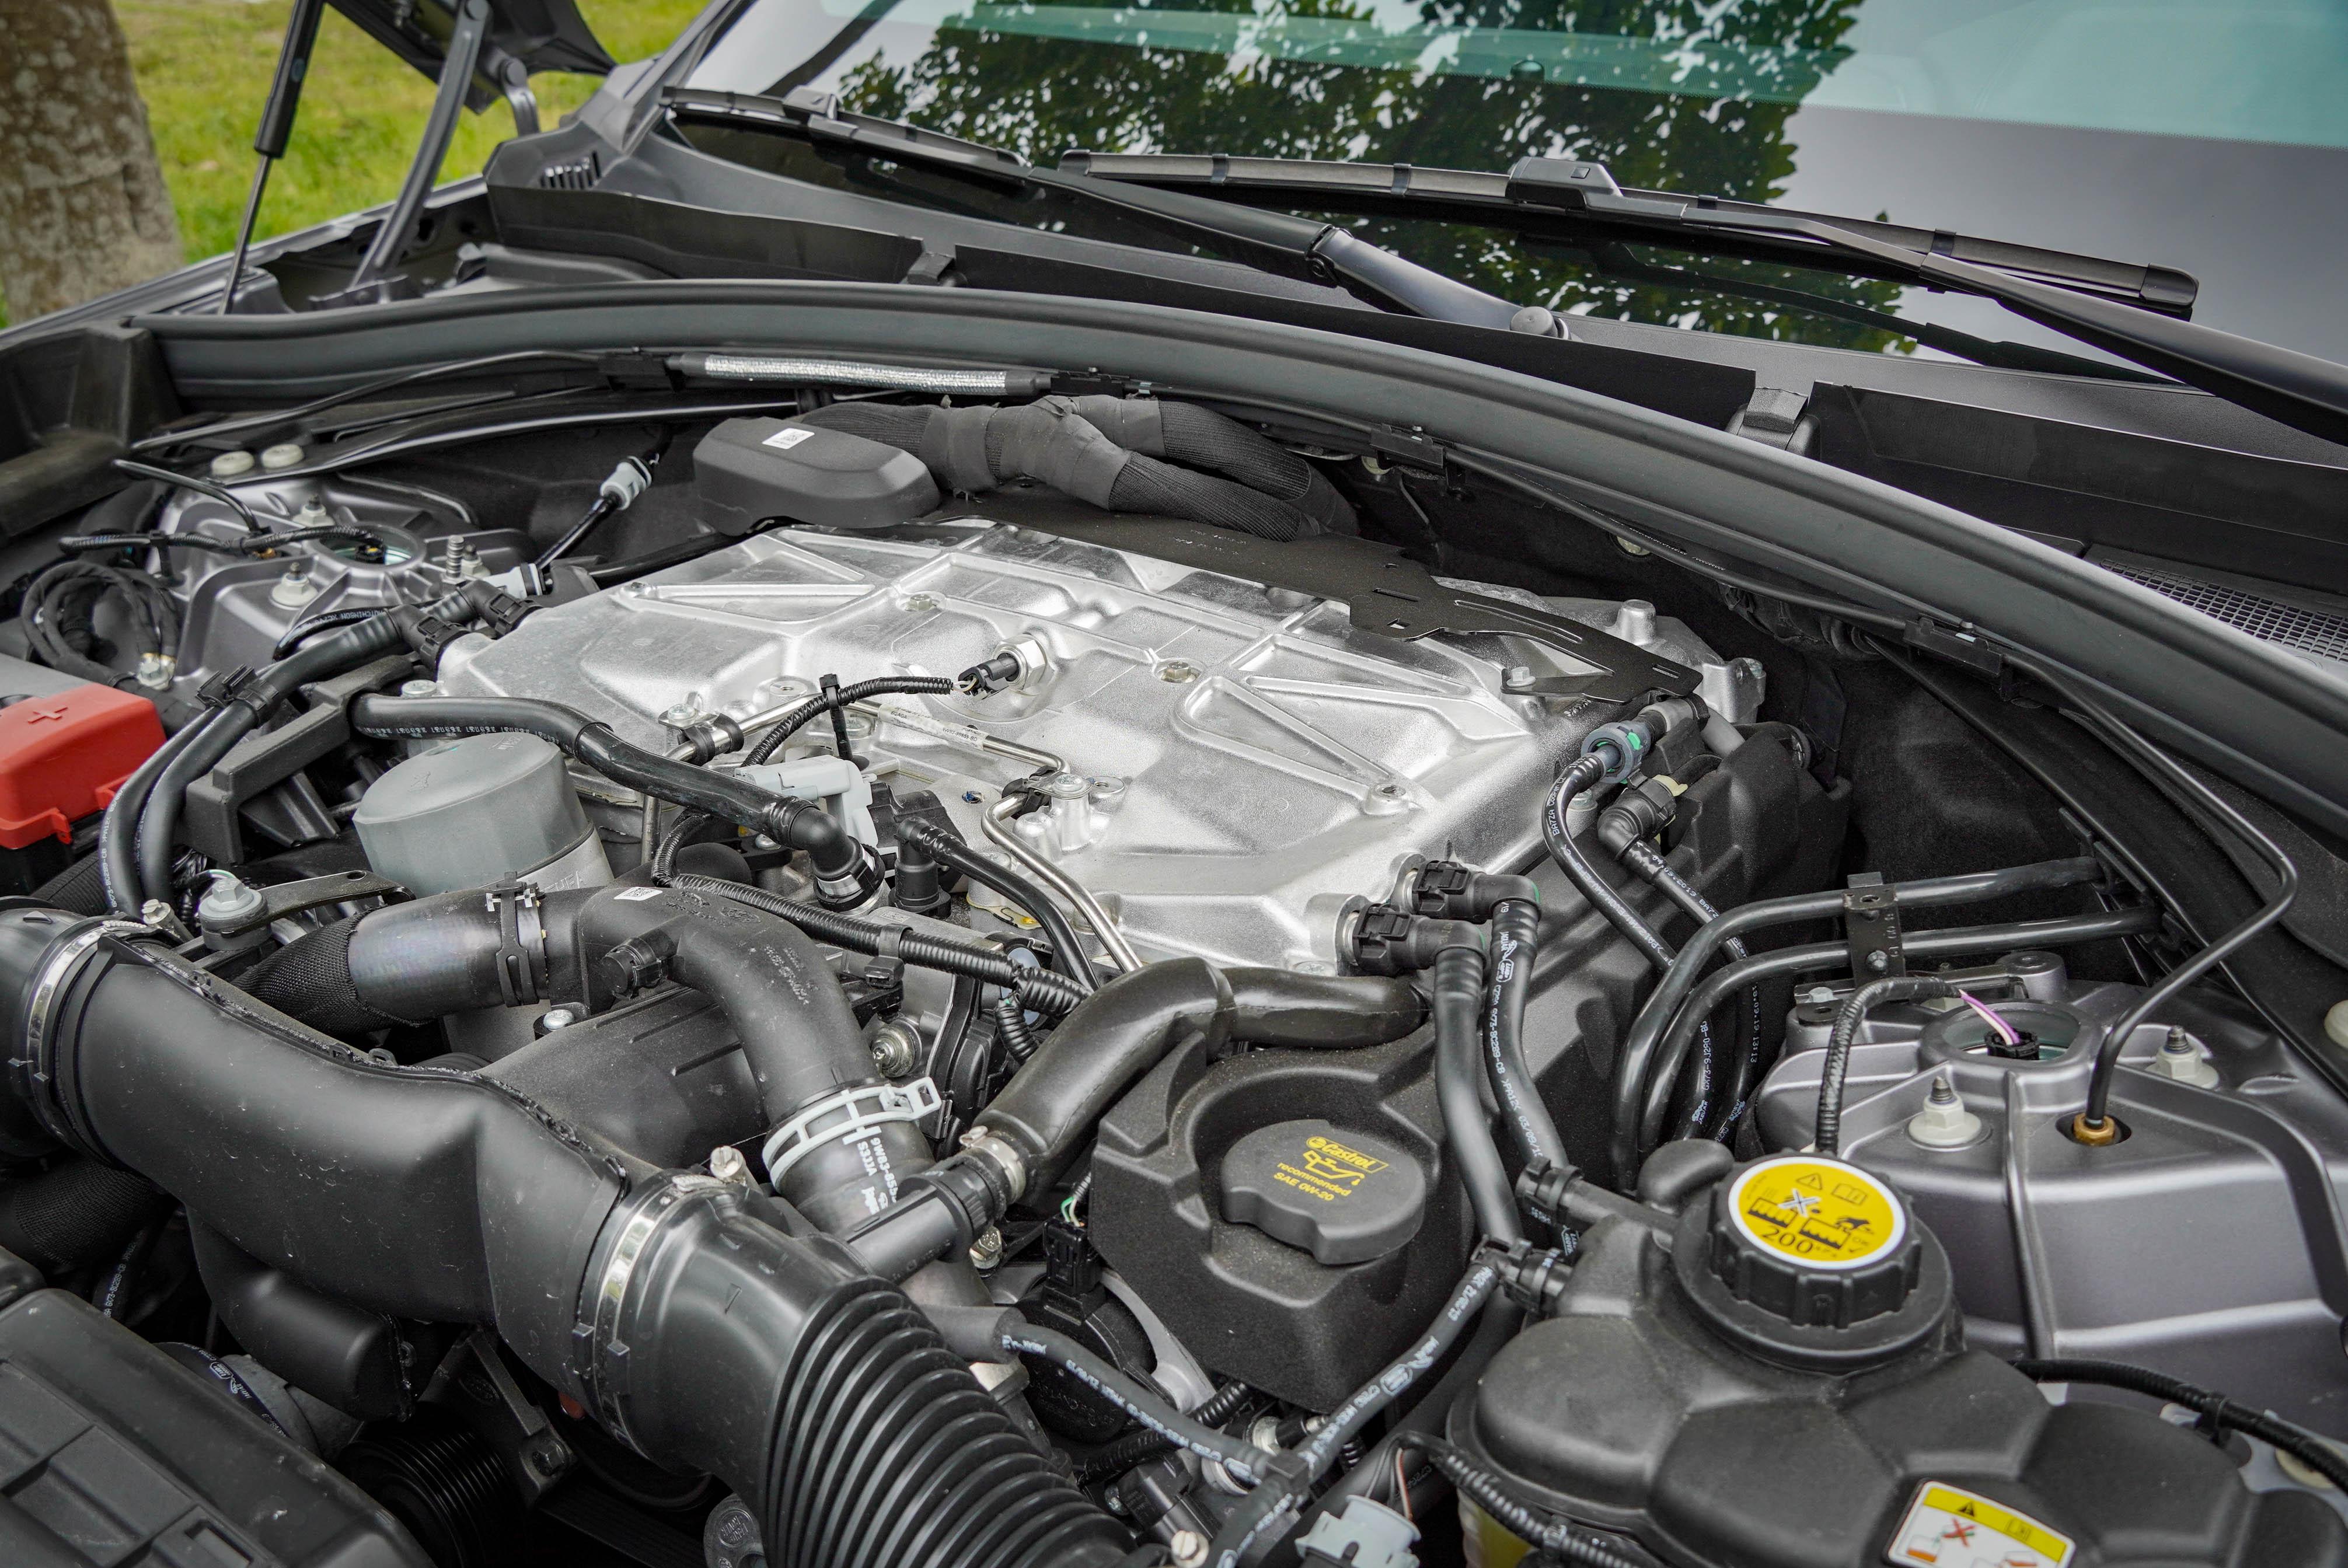 5.0 升 V8 機械增壓引擎動力固然猛爆,稅金卻也昂貴。